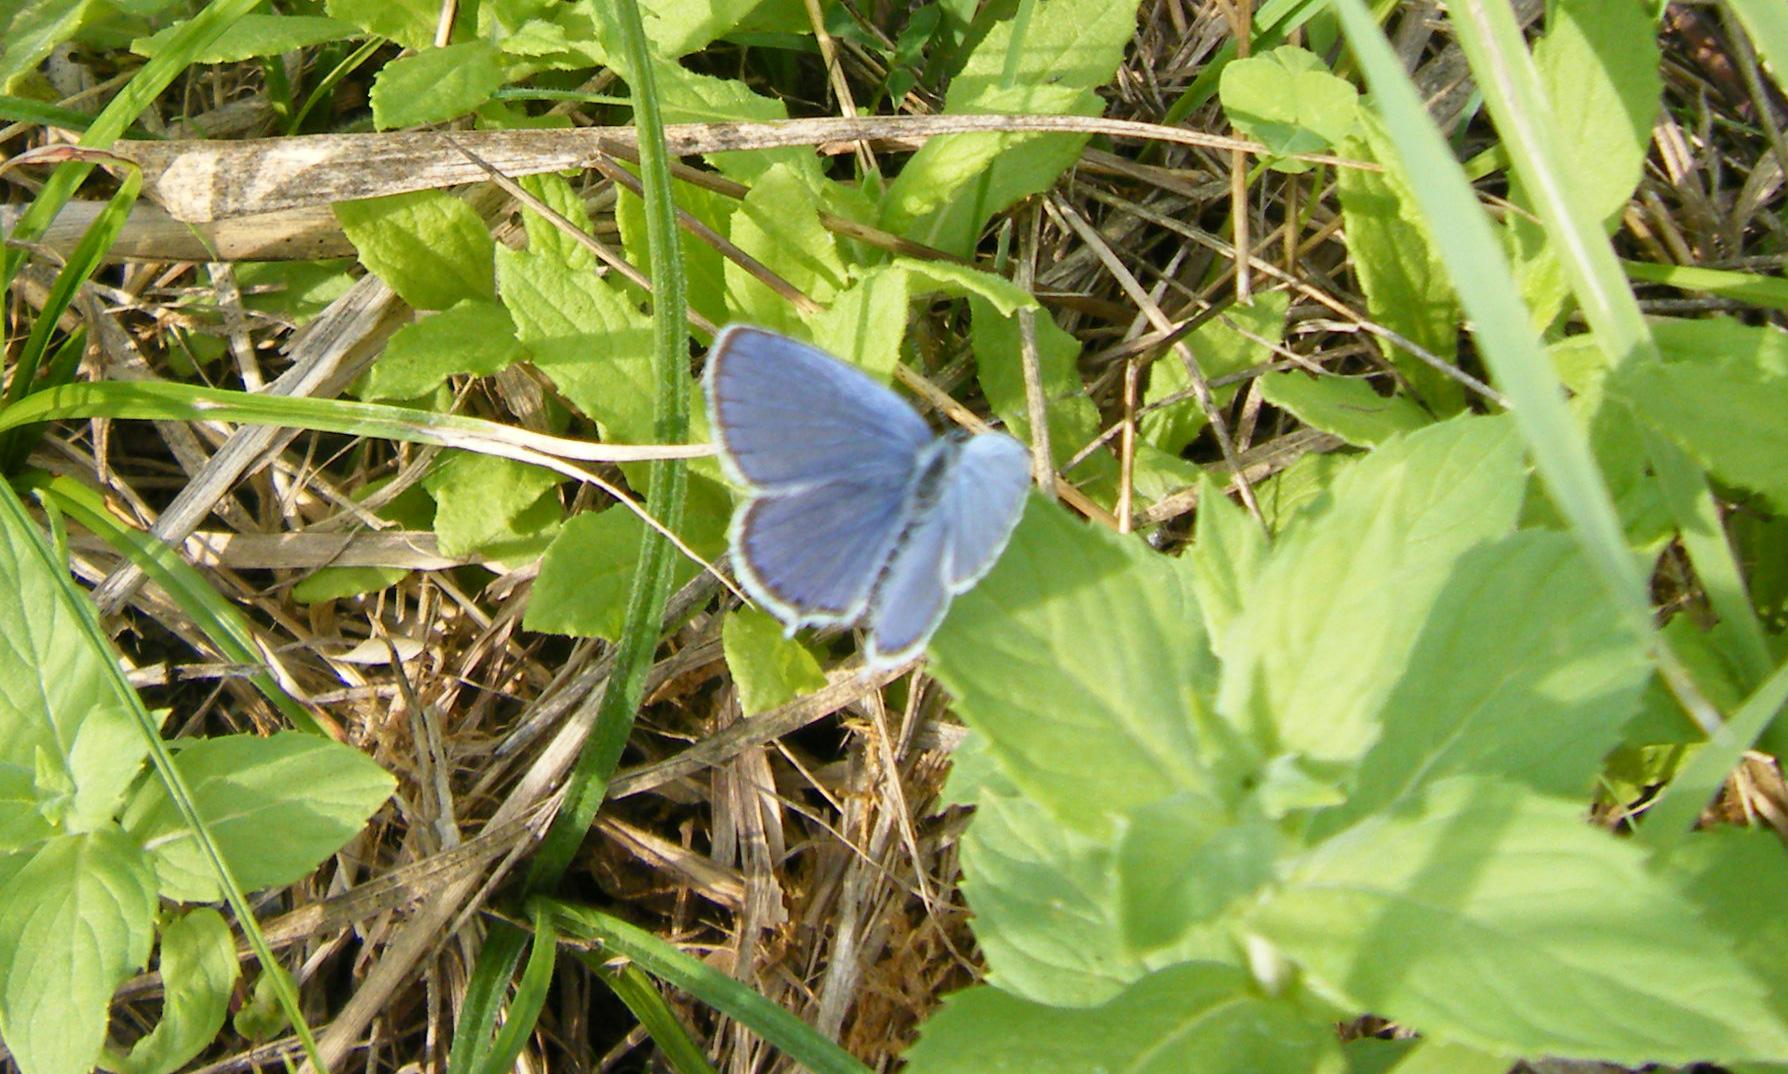 ... zeigt der zarte, kleine Schmetterling die ganze Pracht seines schönen Blautons in voller Breite.